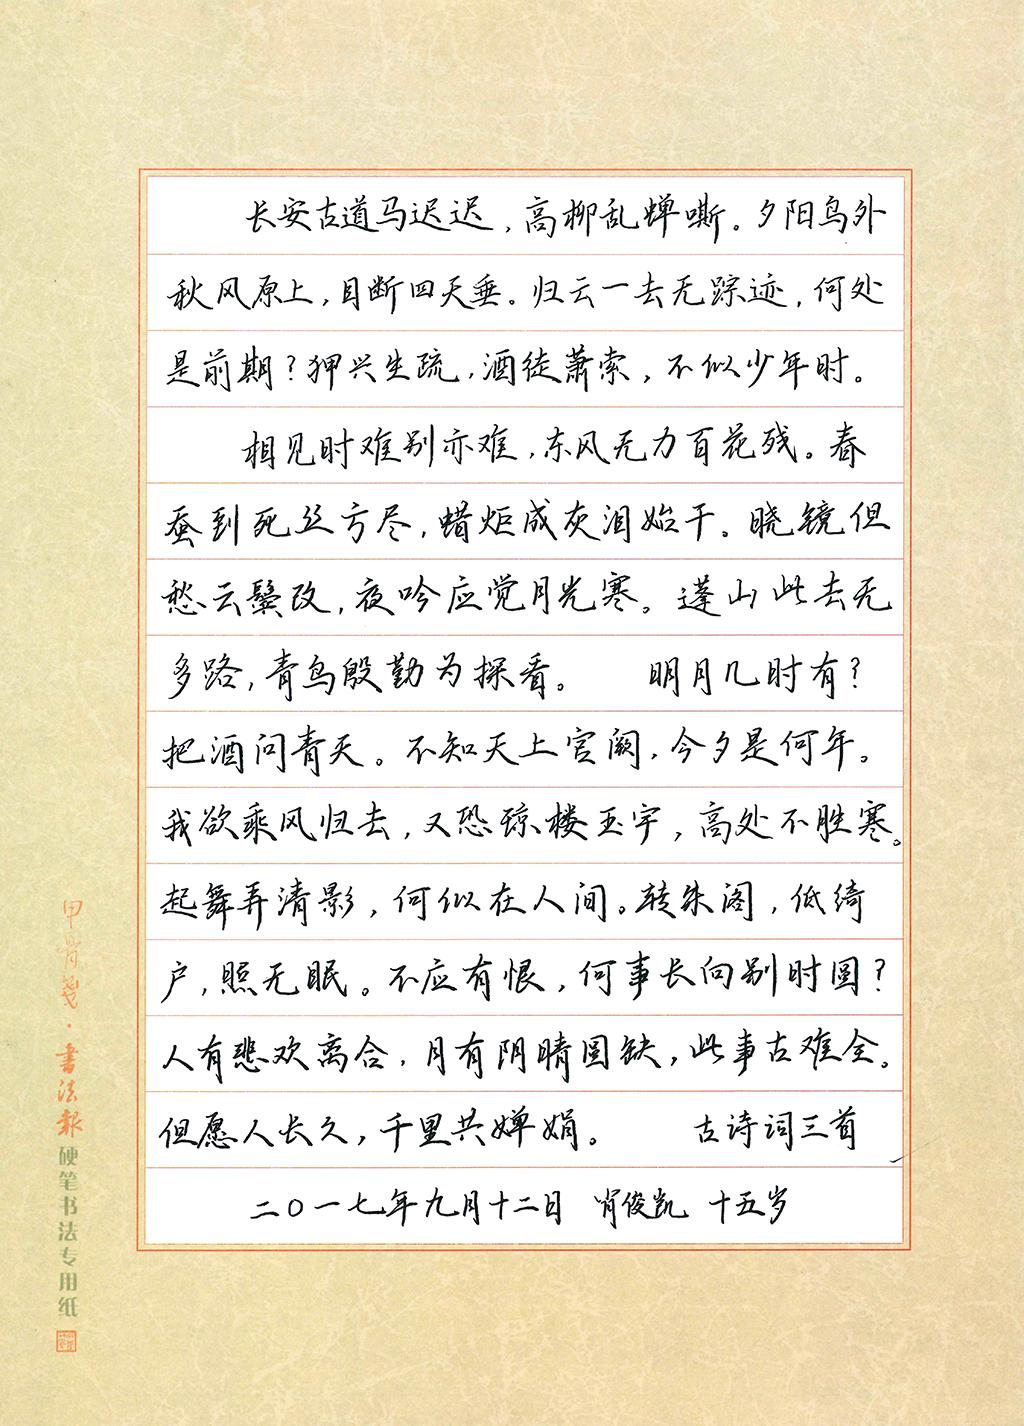 肖俊凯 中学组 三等奖